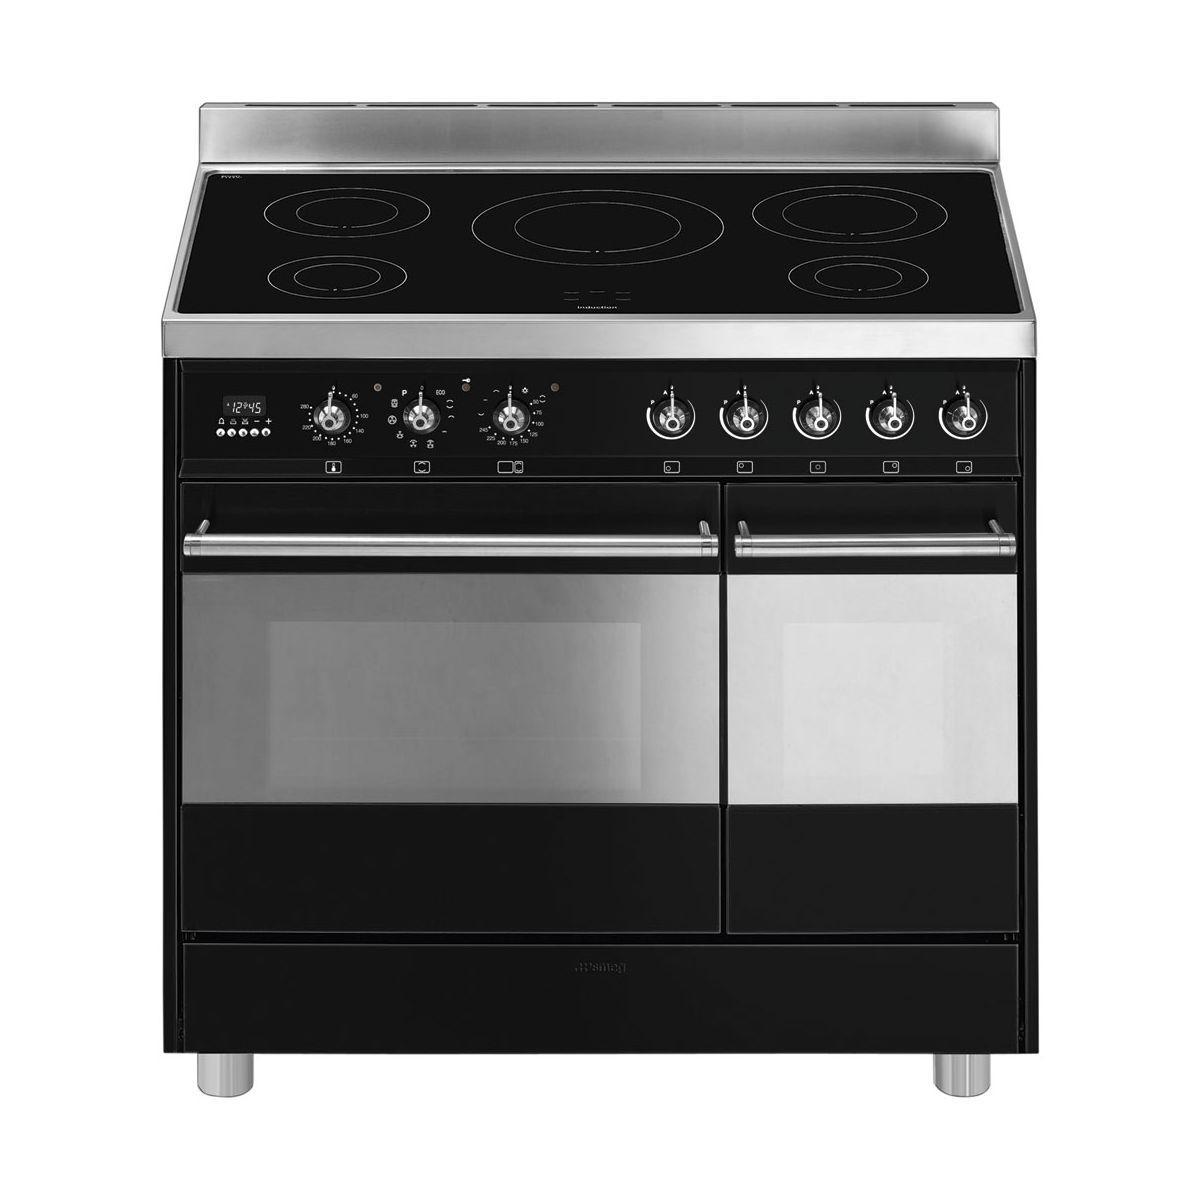 Piano de cuisson induction smeg c92ipbl9 - 15% de remise imm�diate avec le code : gam15 (photo)